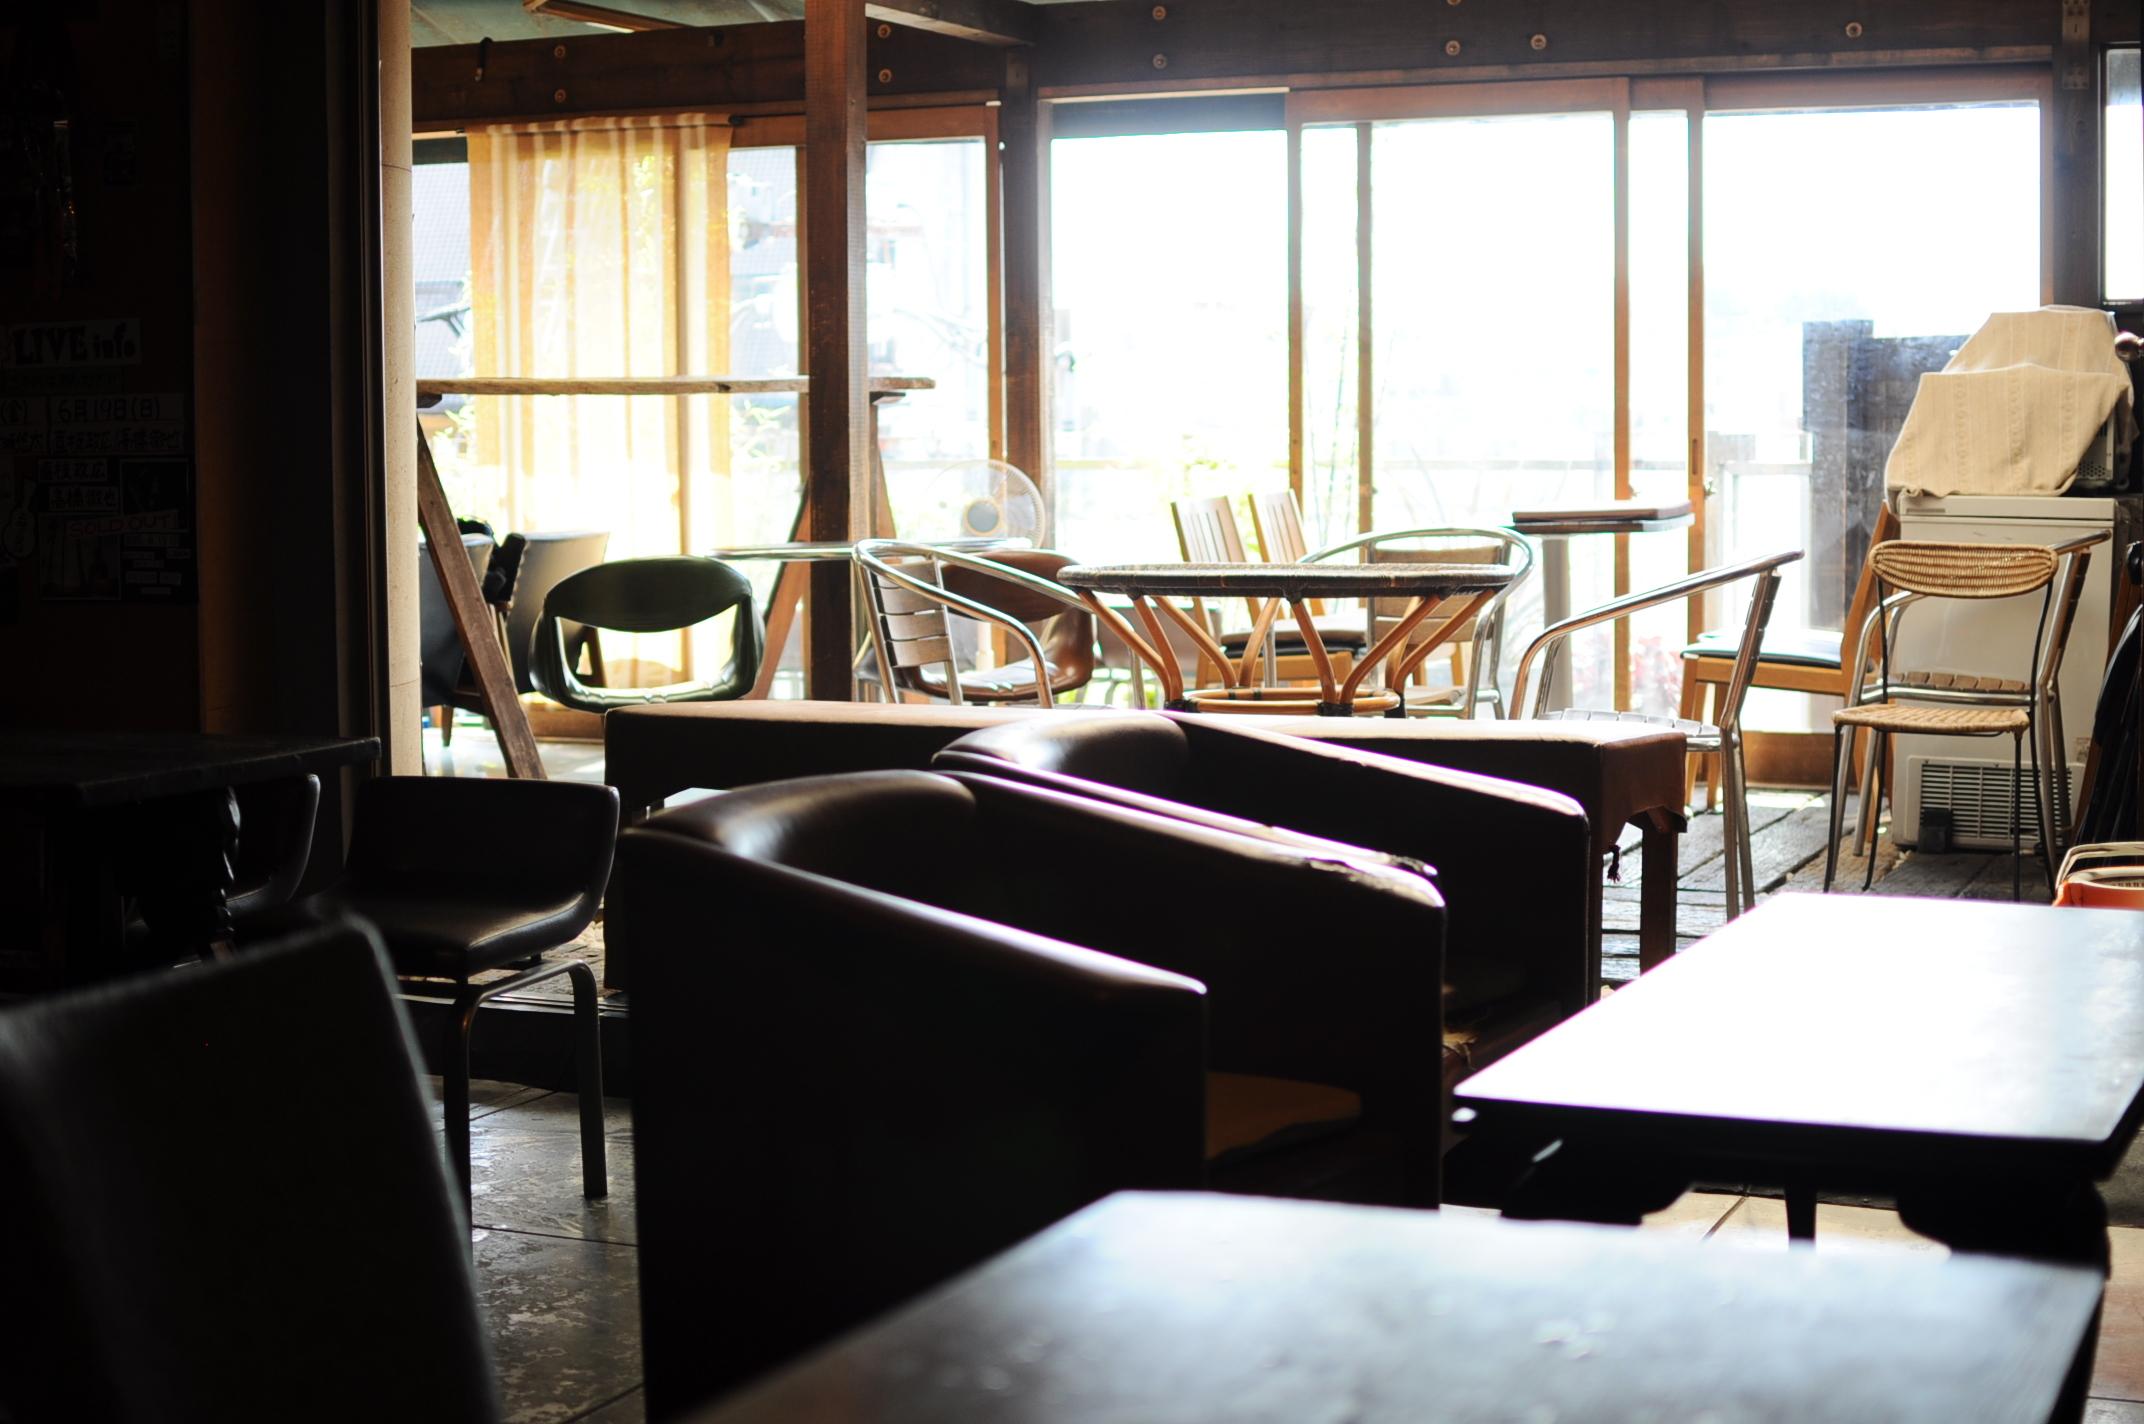 非常に居心地の良さそうなソファ席や、ビアガーデン風にもなる広々としたテラス席も